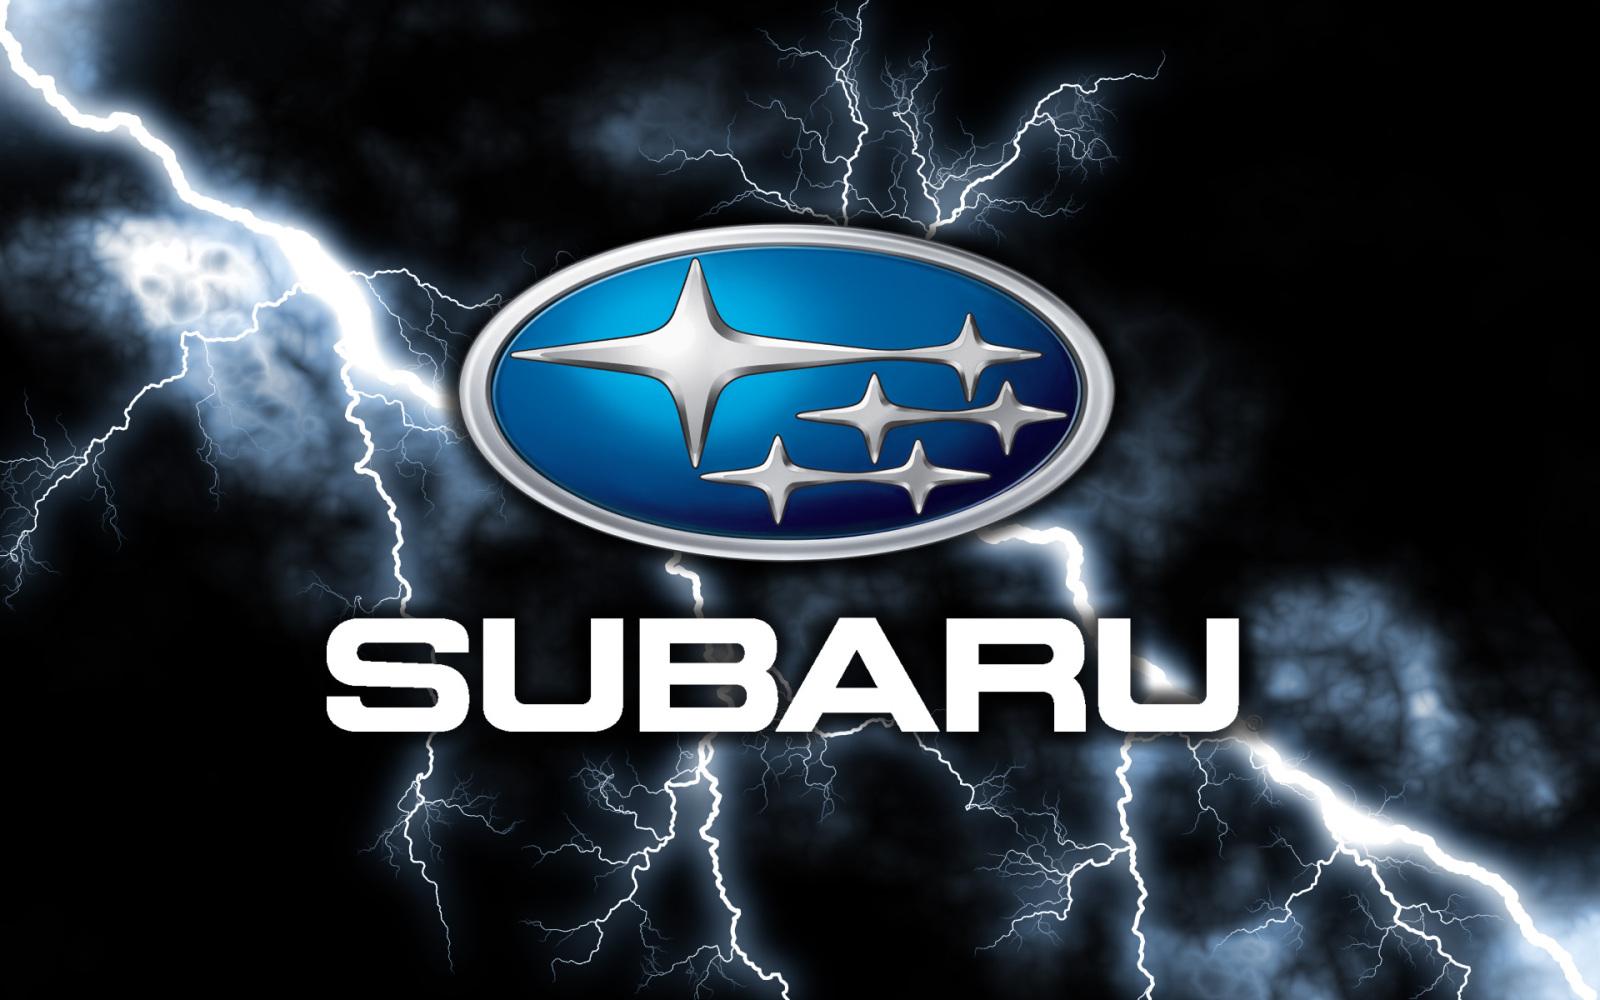 Вкомпании Субару признались вфальсификации потребления бензина